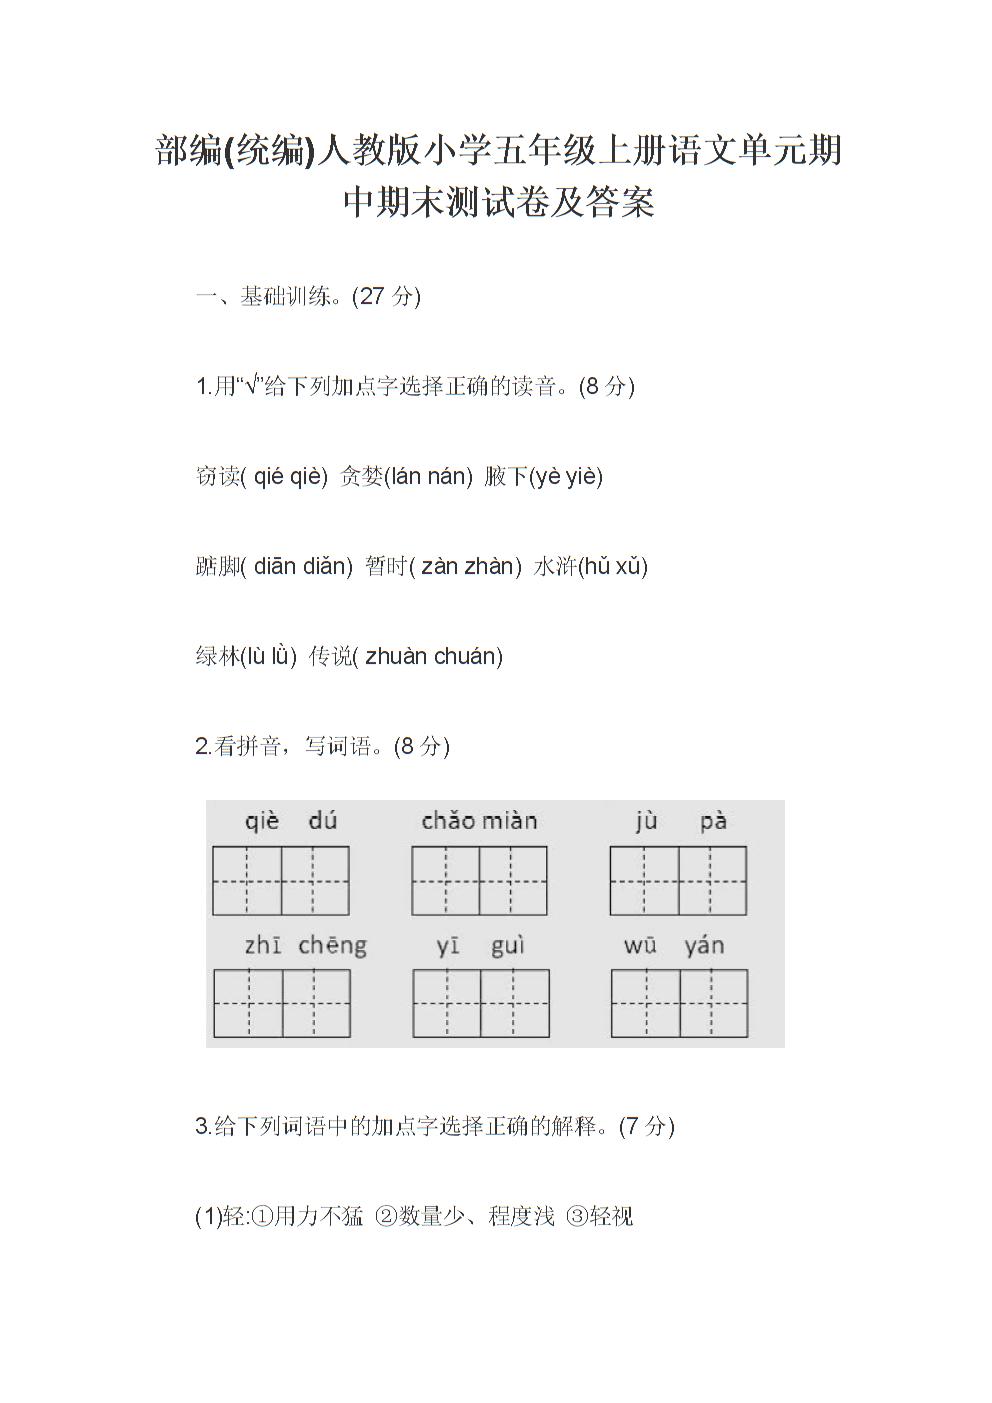 部编(统编)人教版小学五年级上册语文单元期中期末测试卷及答案.docx